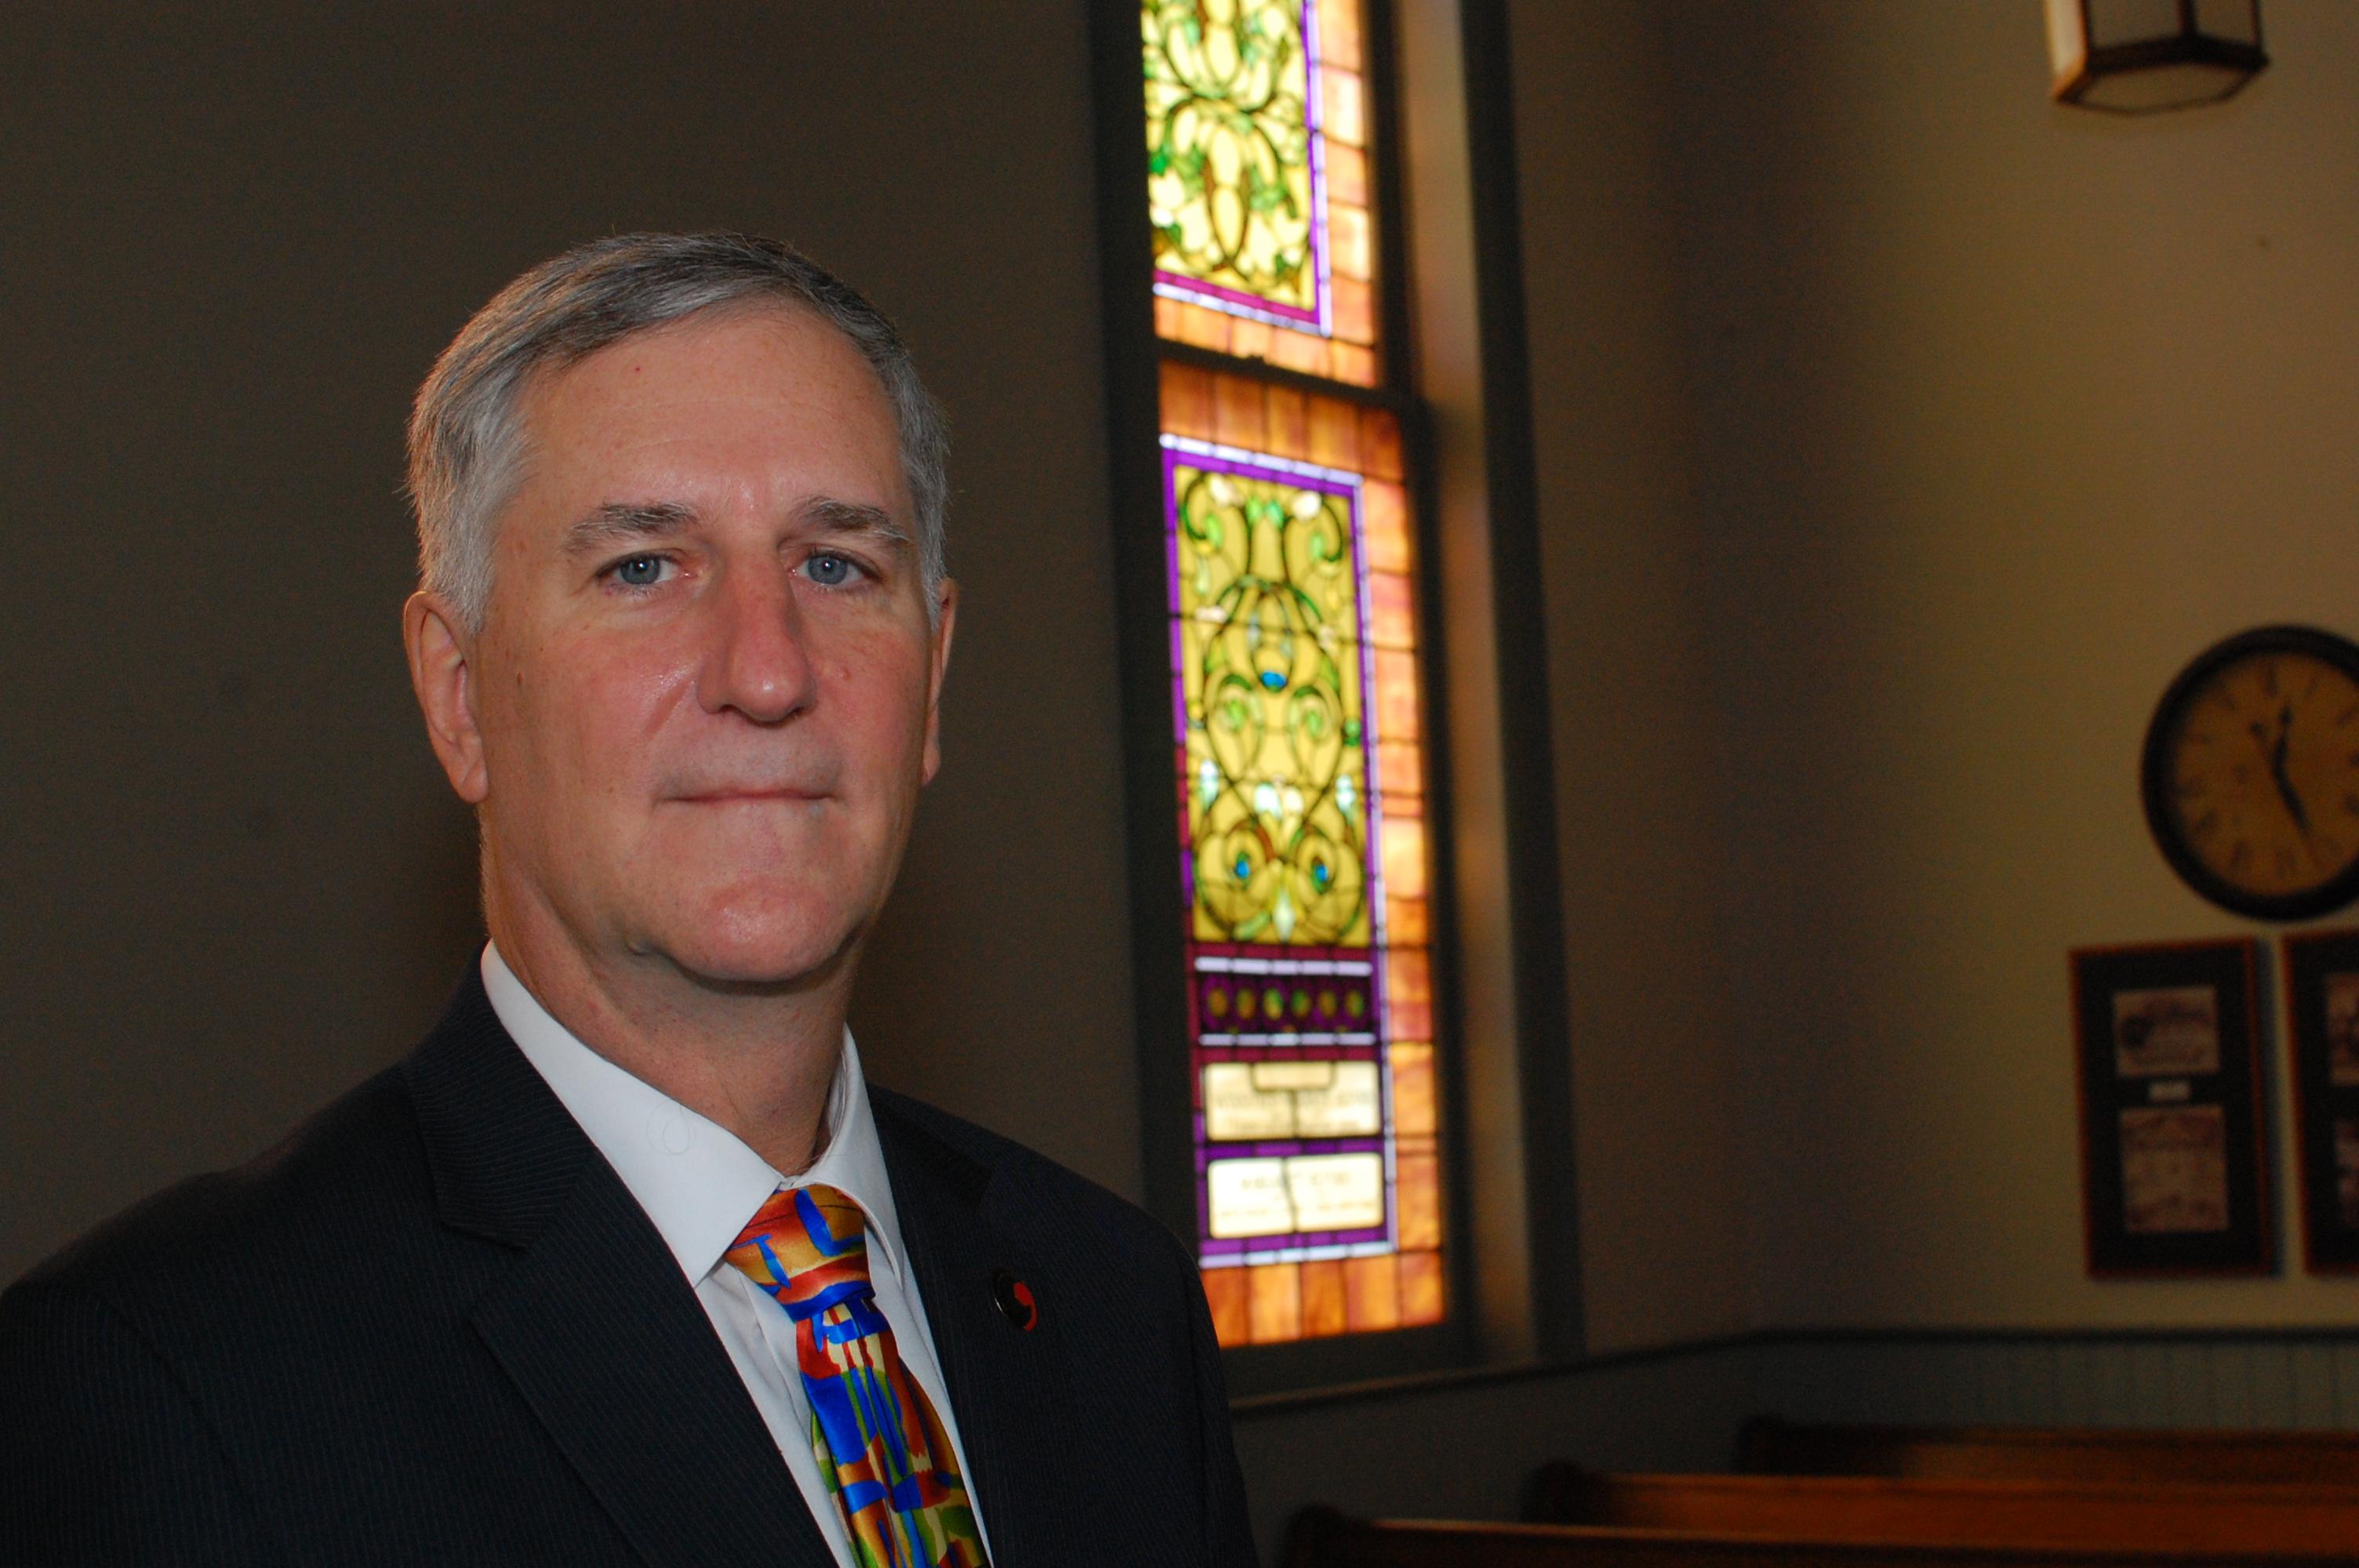 The Rev. Kent Siladi 2013